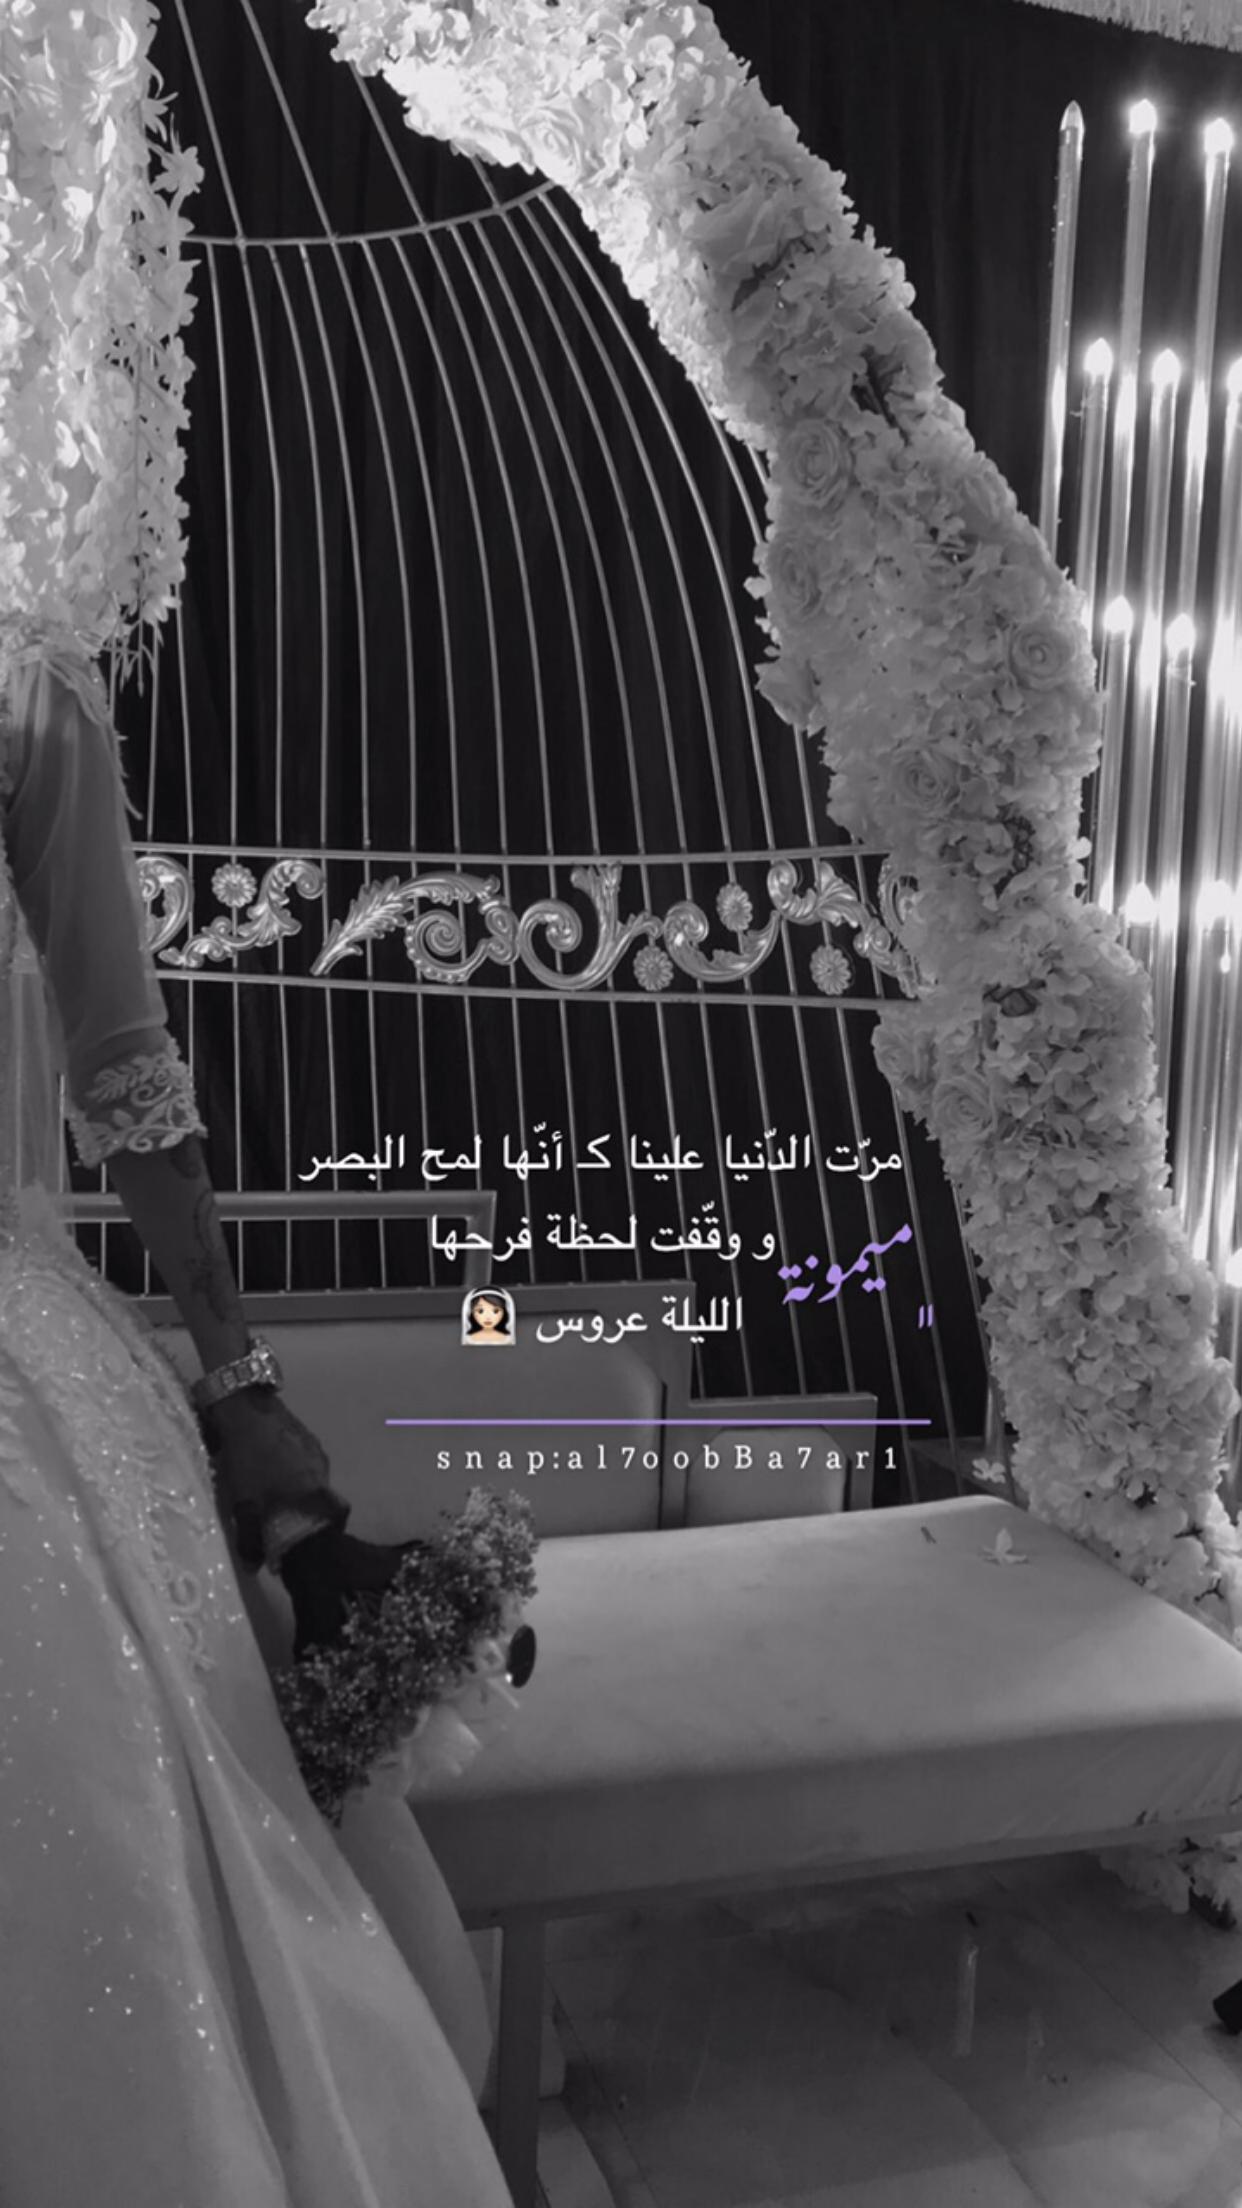 Telegram Contact Live Khadijah Bride Quotes Arab Wedding Friends Quotes